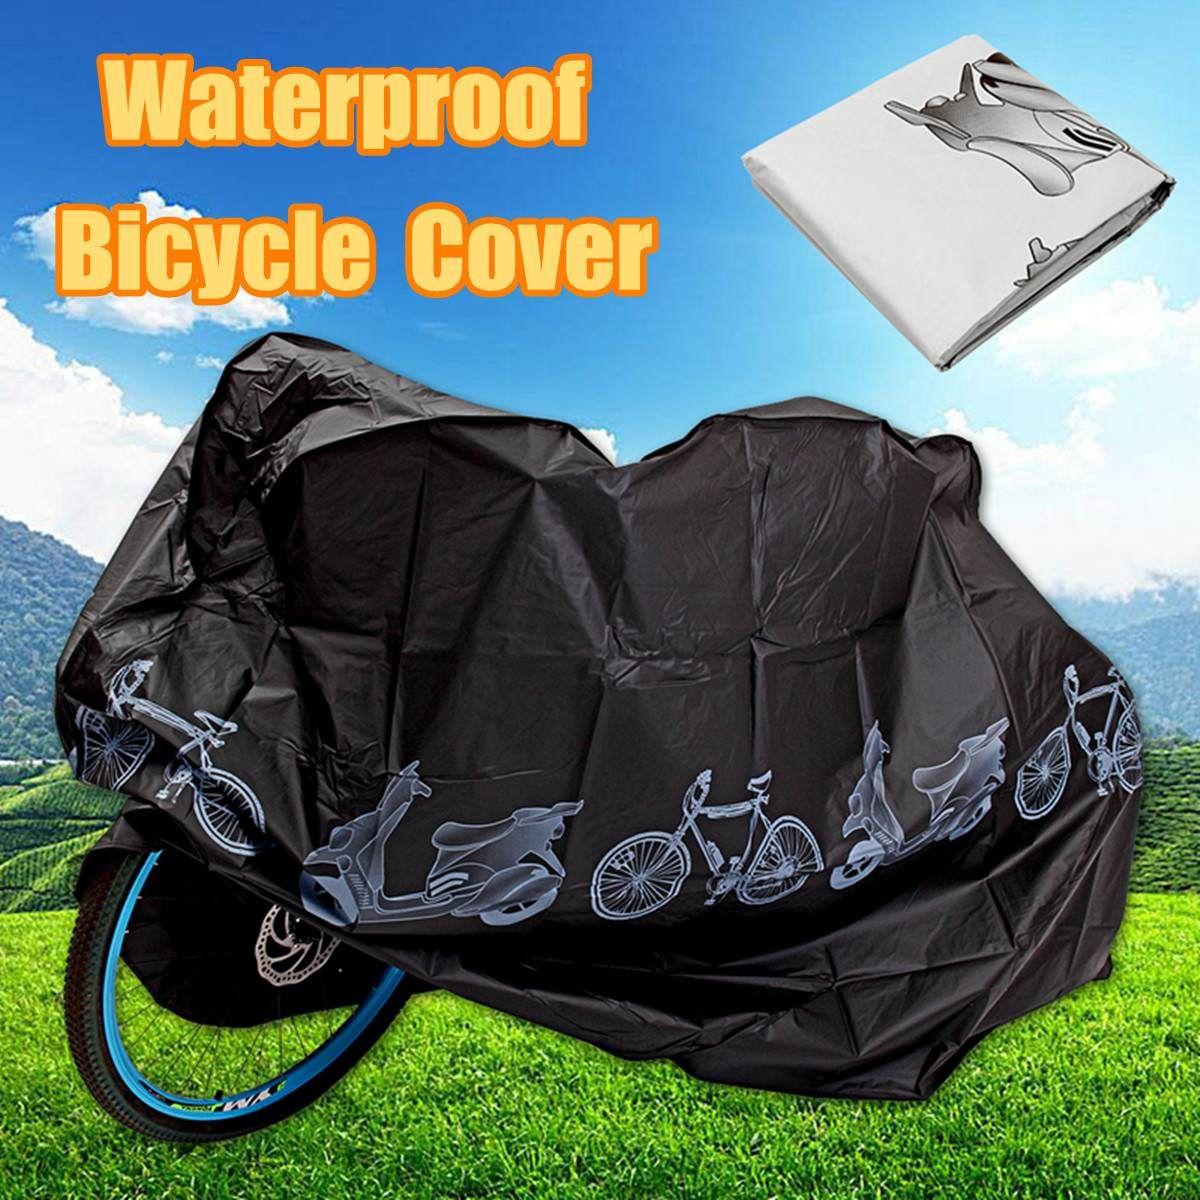 Universal-Fahrrad-Regen-Staub-Beweis-Abdeckung wasserdicht UV-Schutz-Abdeckung Fahrrad-Zubehör für Fahrrad Elektro-Motorrad-Roller